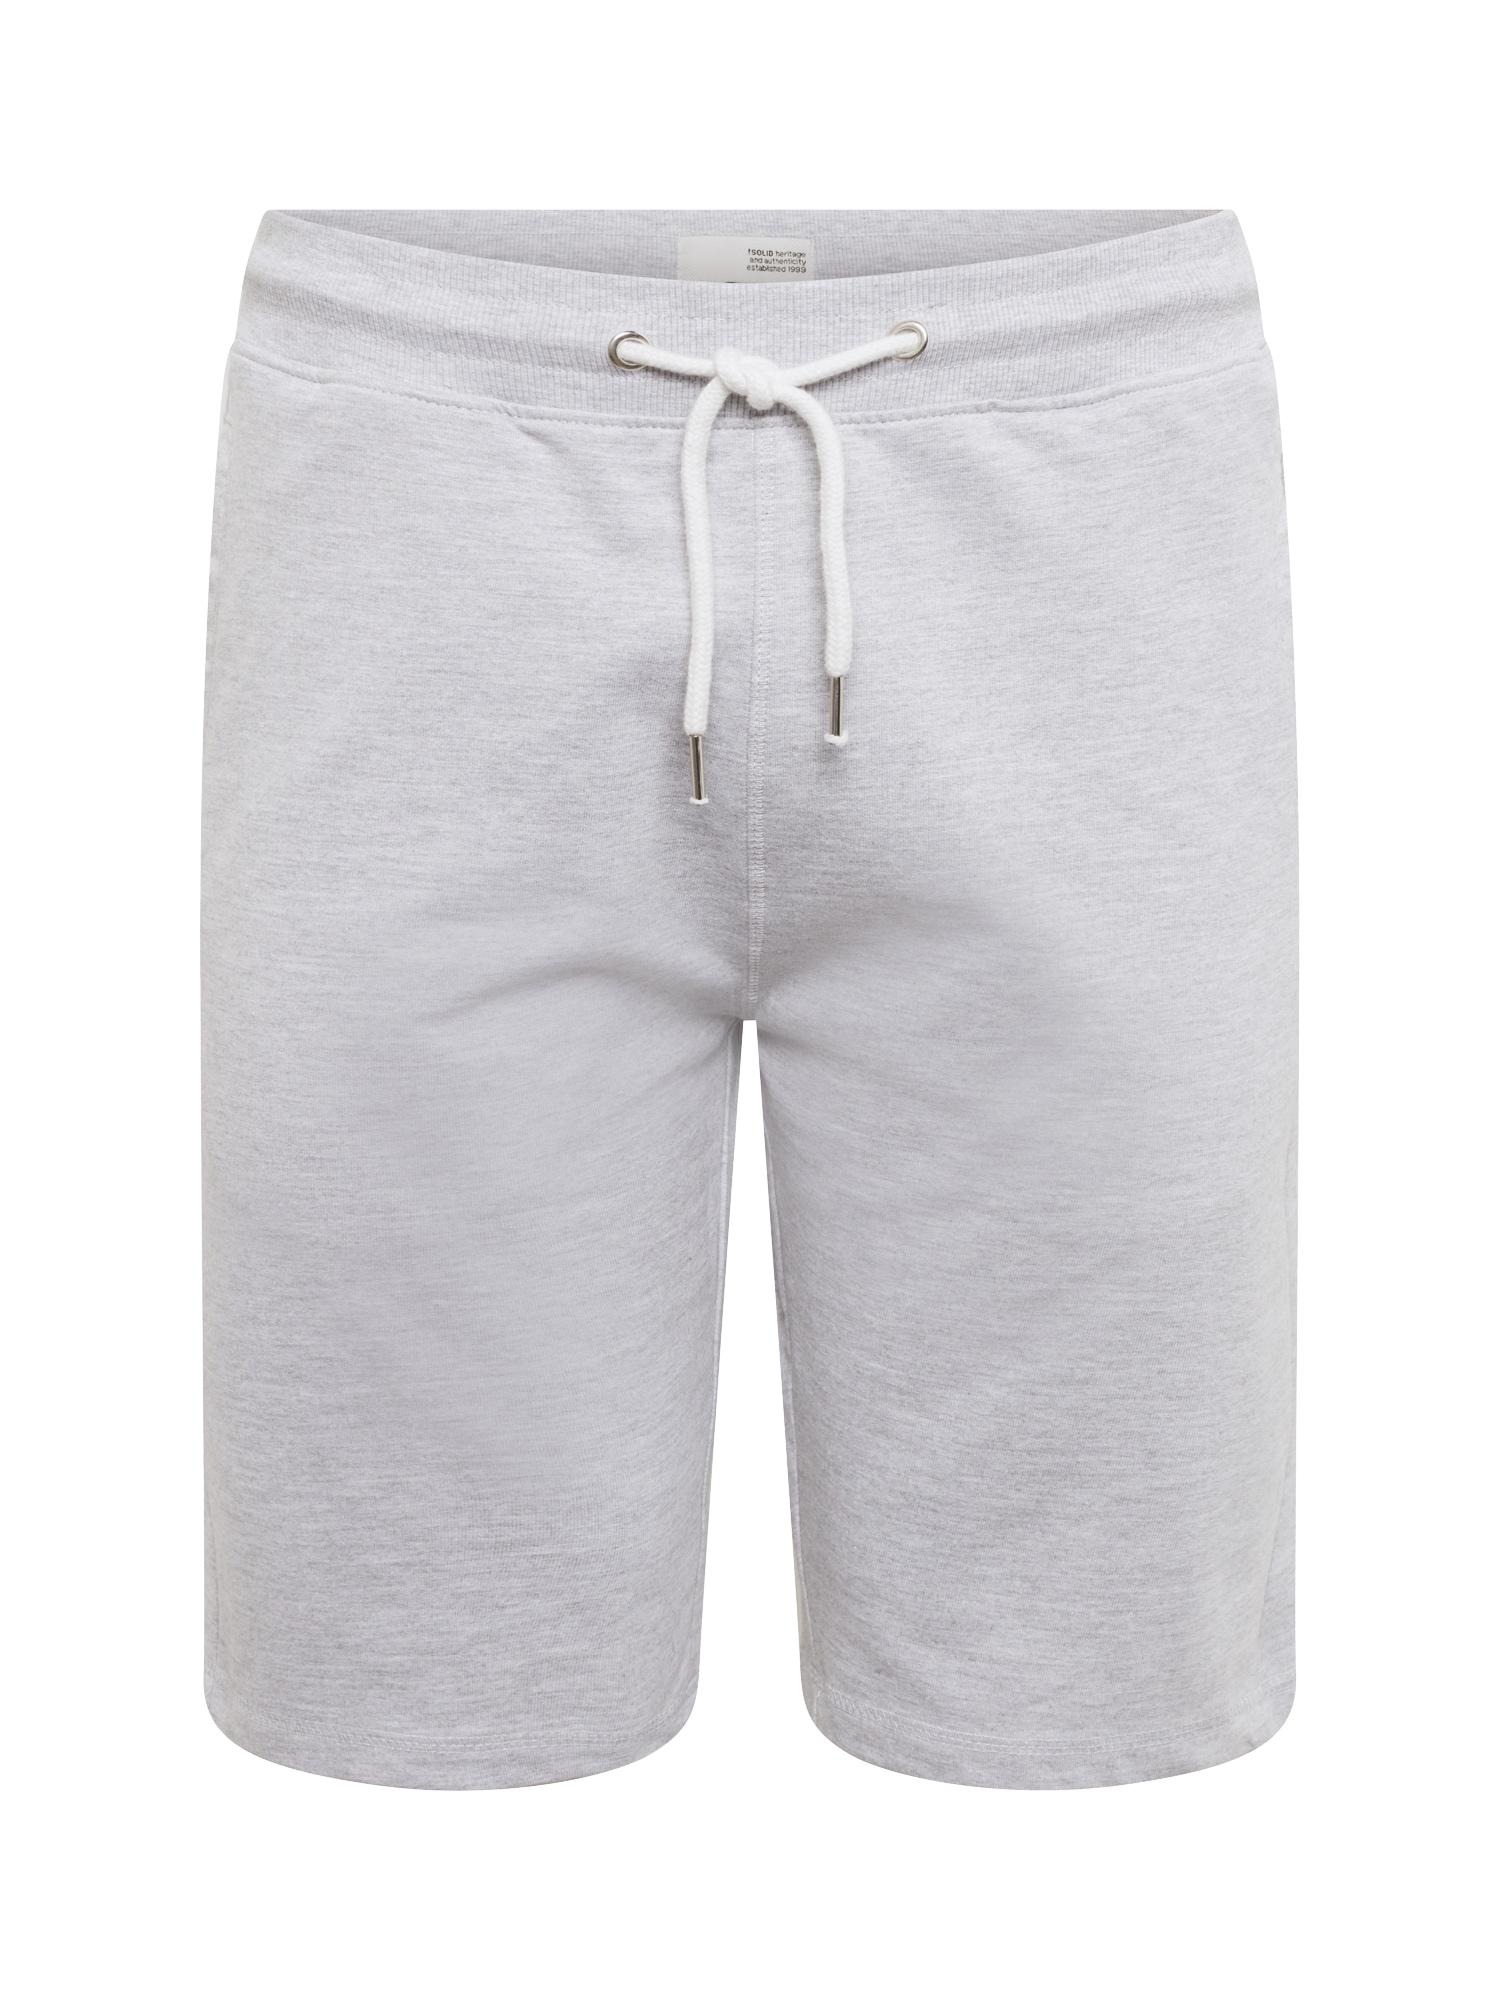 Kalhoty REGULAR-MORGAN světle šedá !Solid